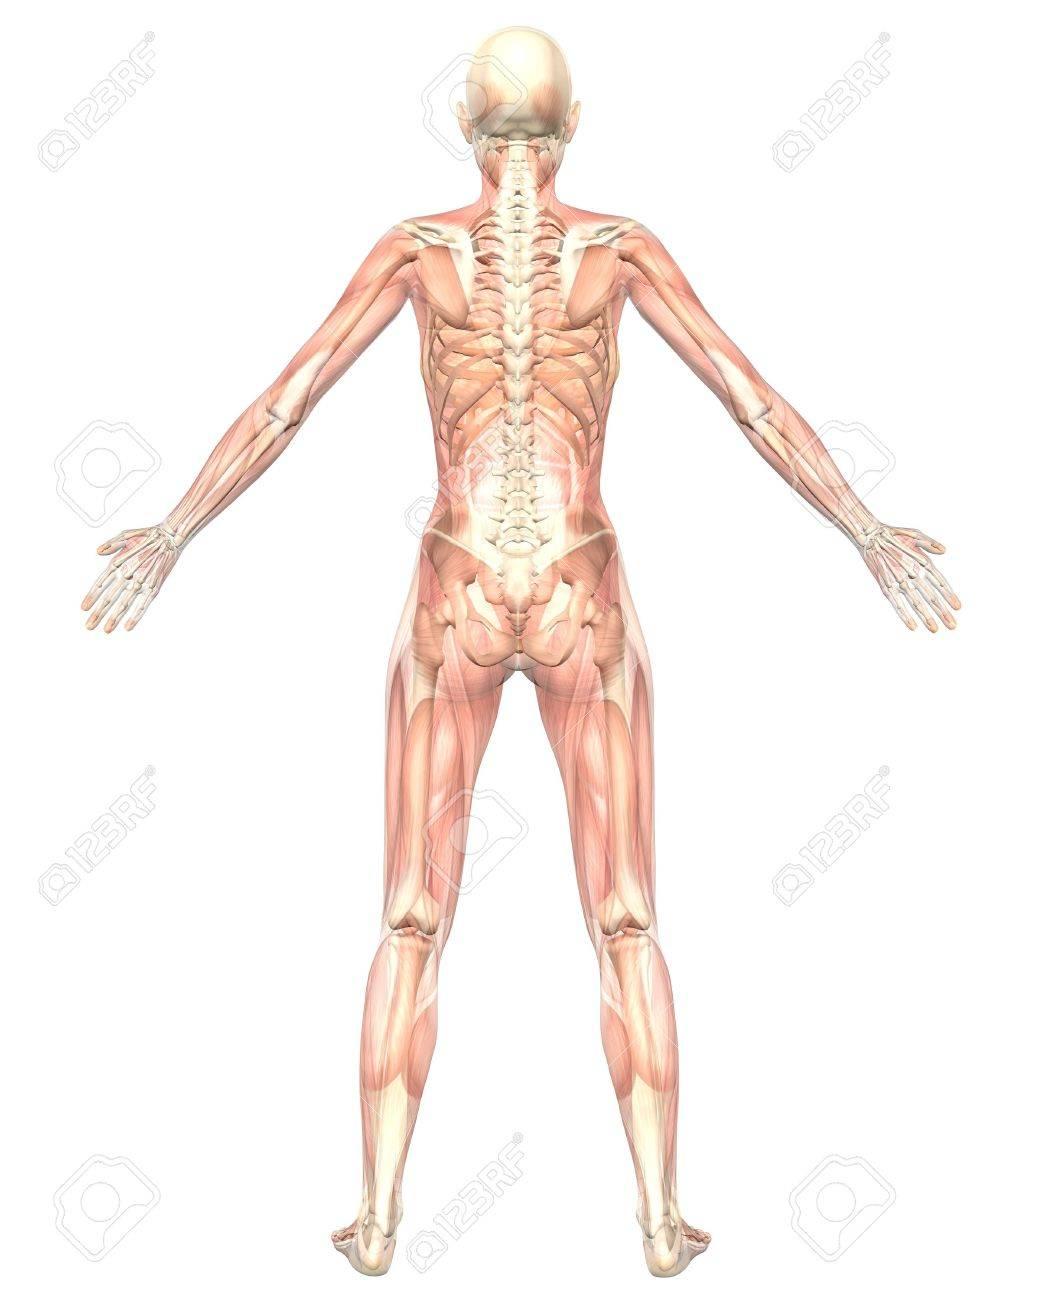 Eine Darstellung Der Rückansicht Der Weiblichen Anatomie Muskulös ...